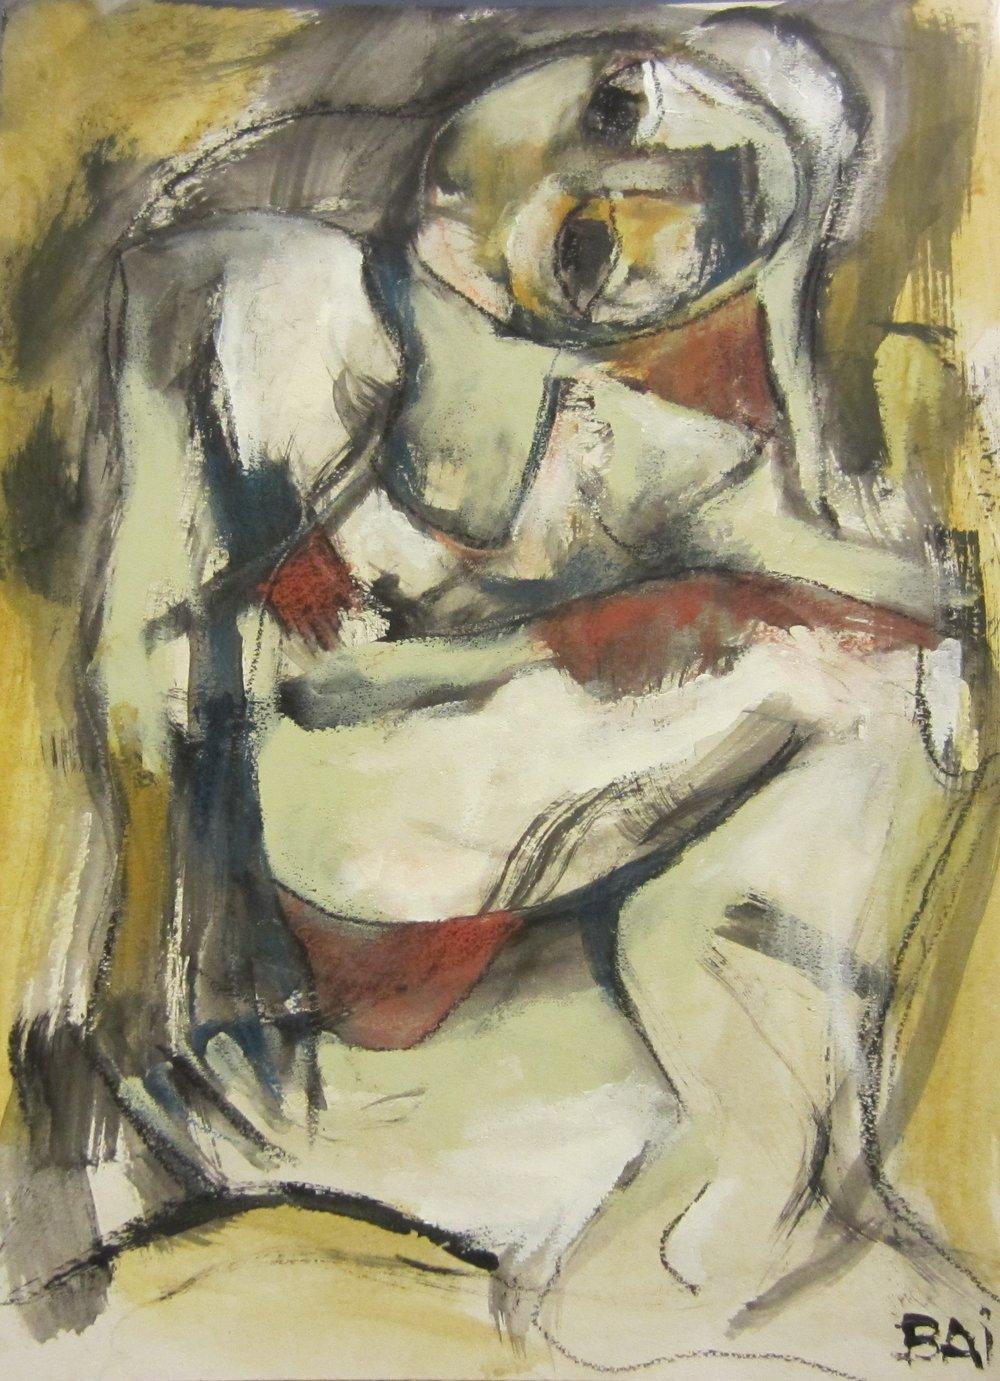 Kneeling Nude 51 x 41 cm